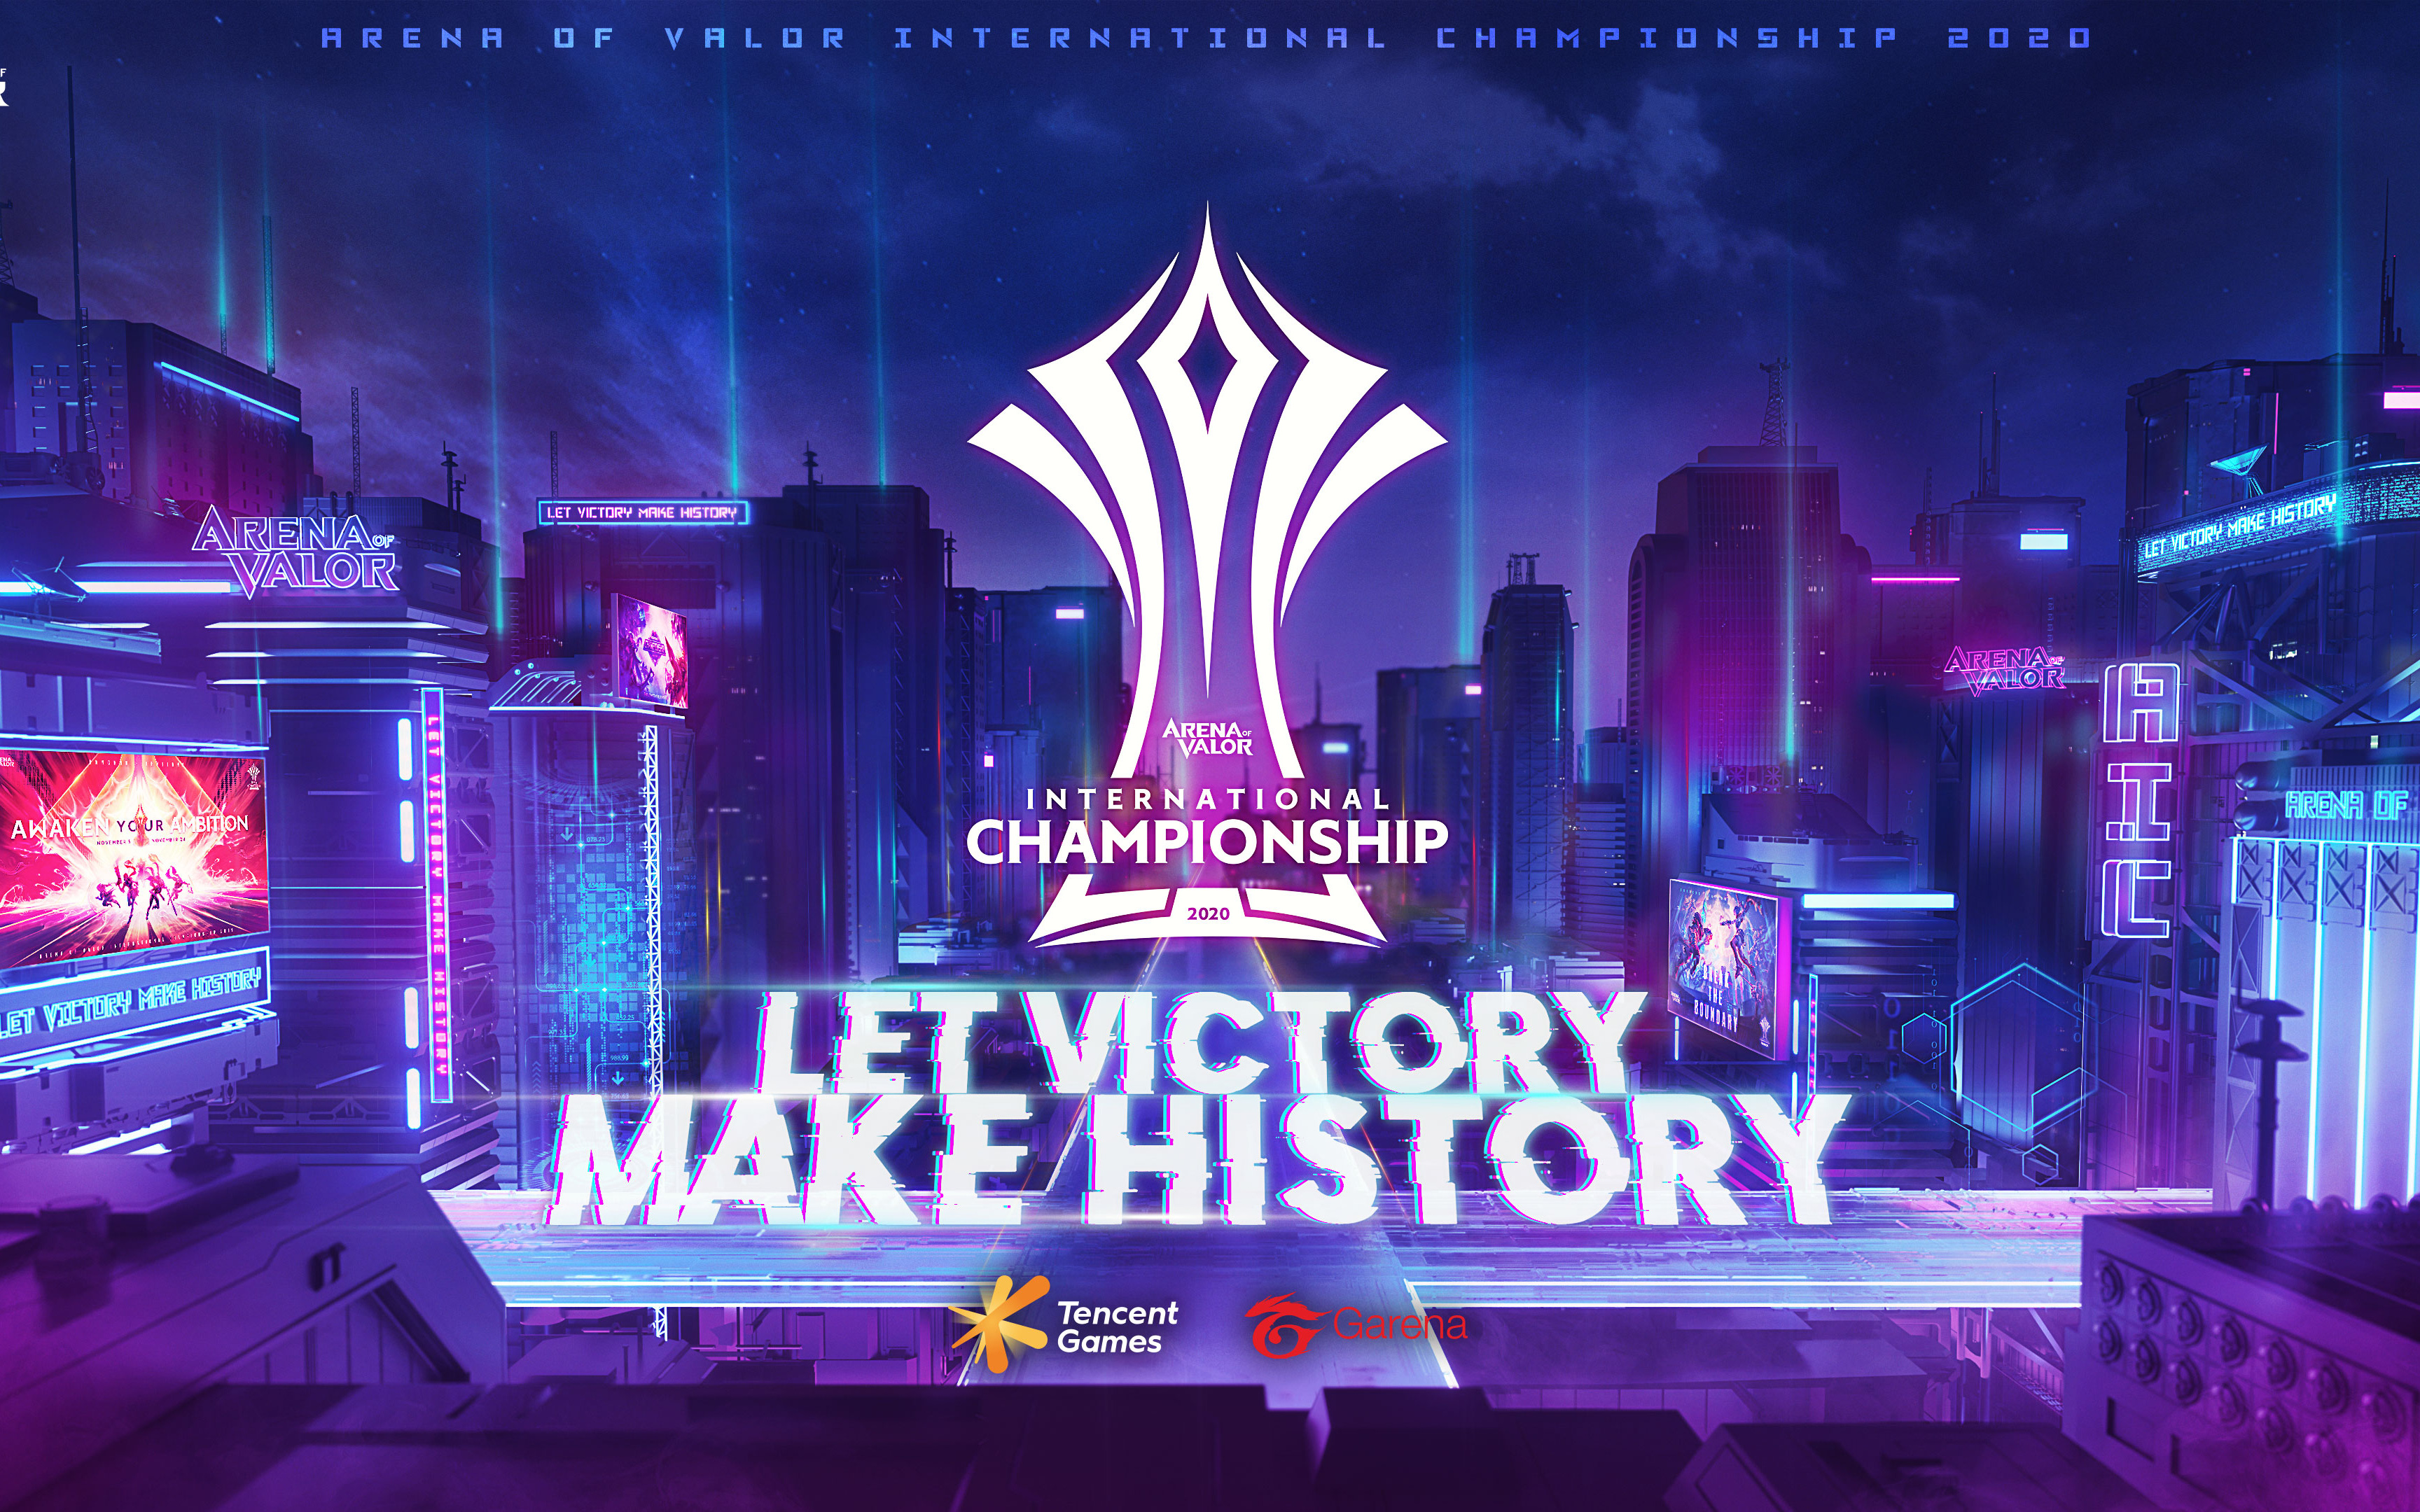 Team Flash và Saigon Phantom đại diện Việt Nam tranh tài AIC 2020, giải đấu trị giá 12 tỷ đồng